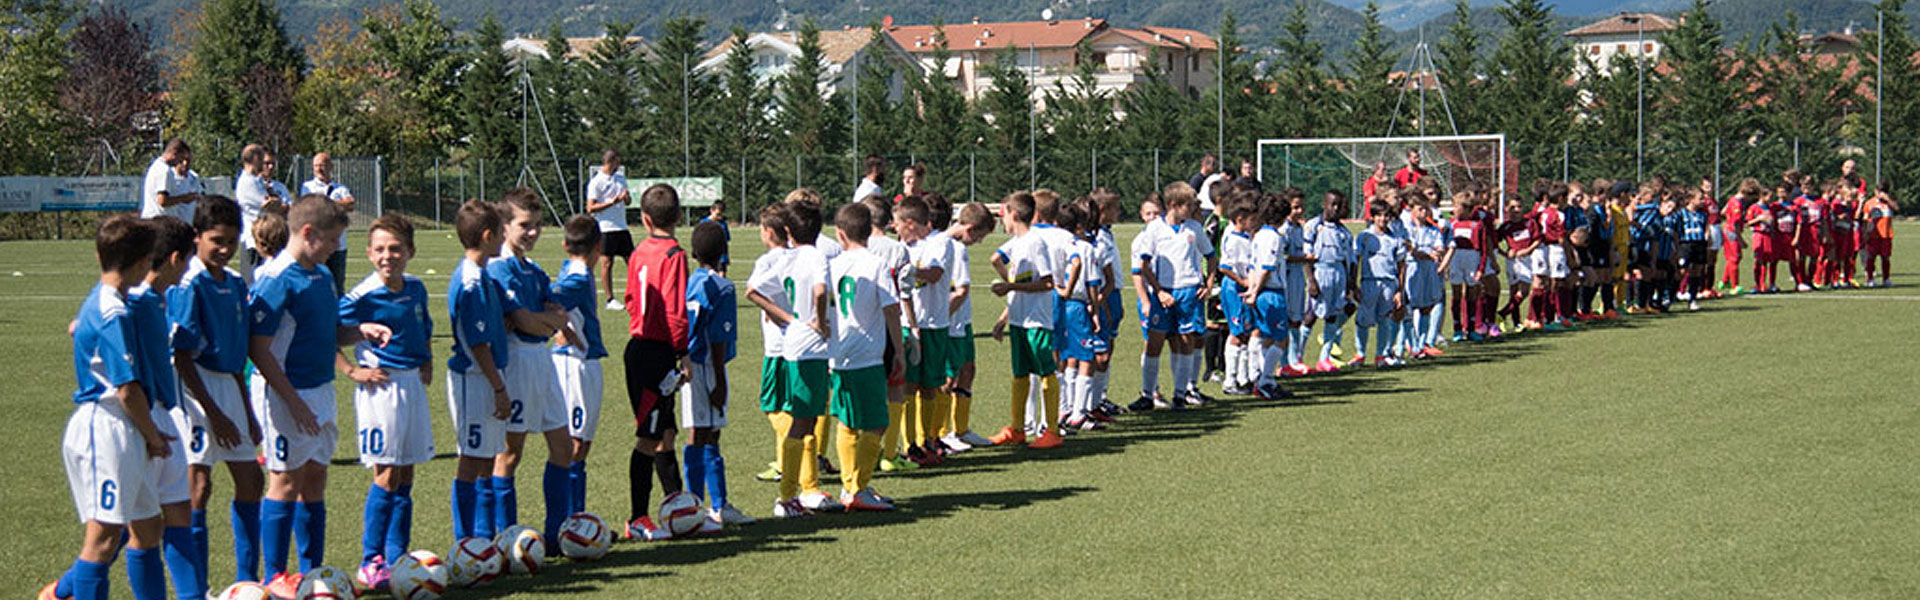 Torneo di Calcio a Valbrembo (BG)